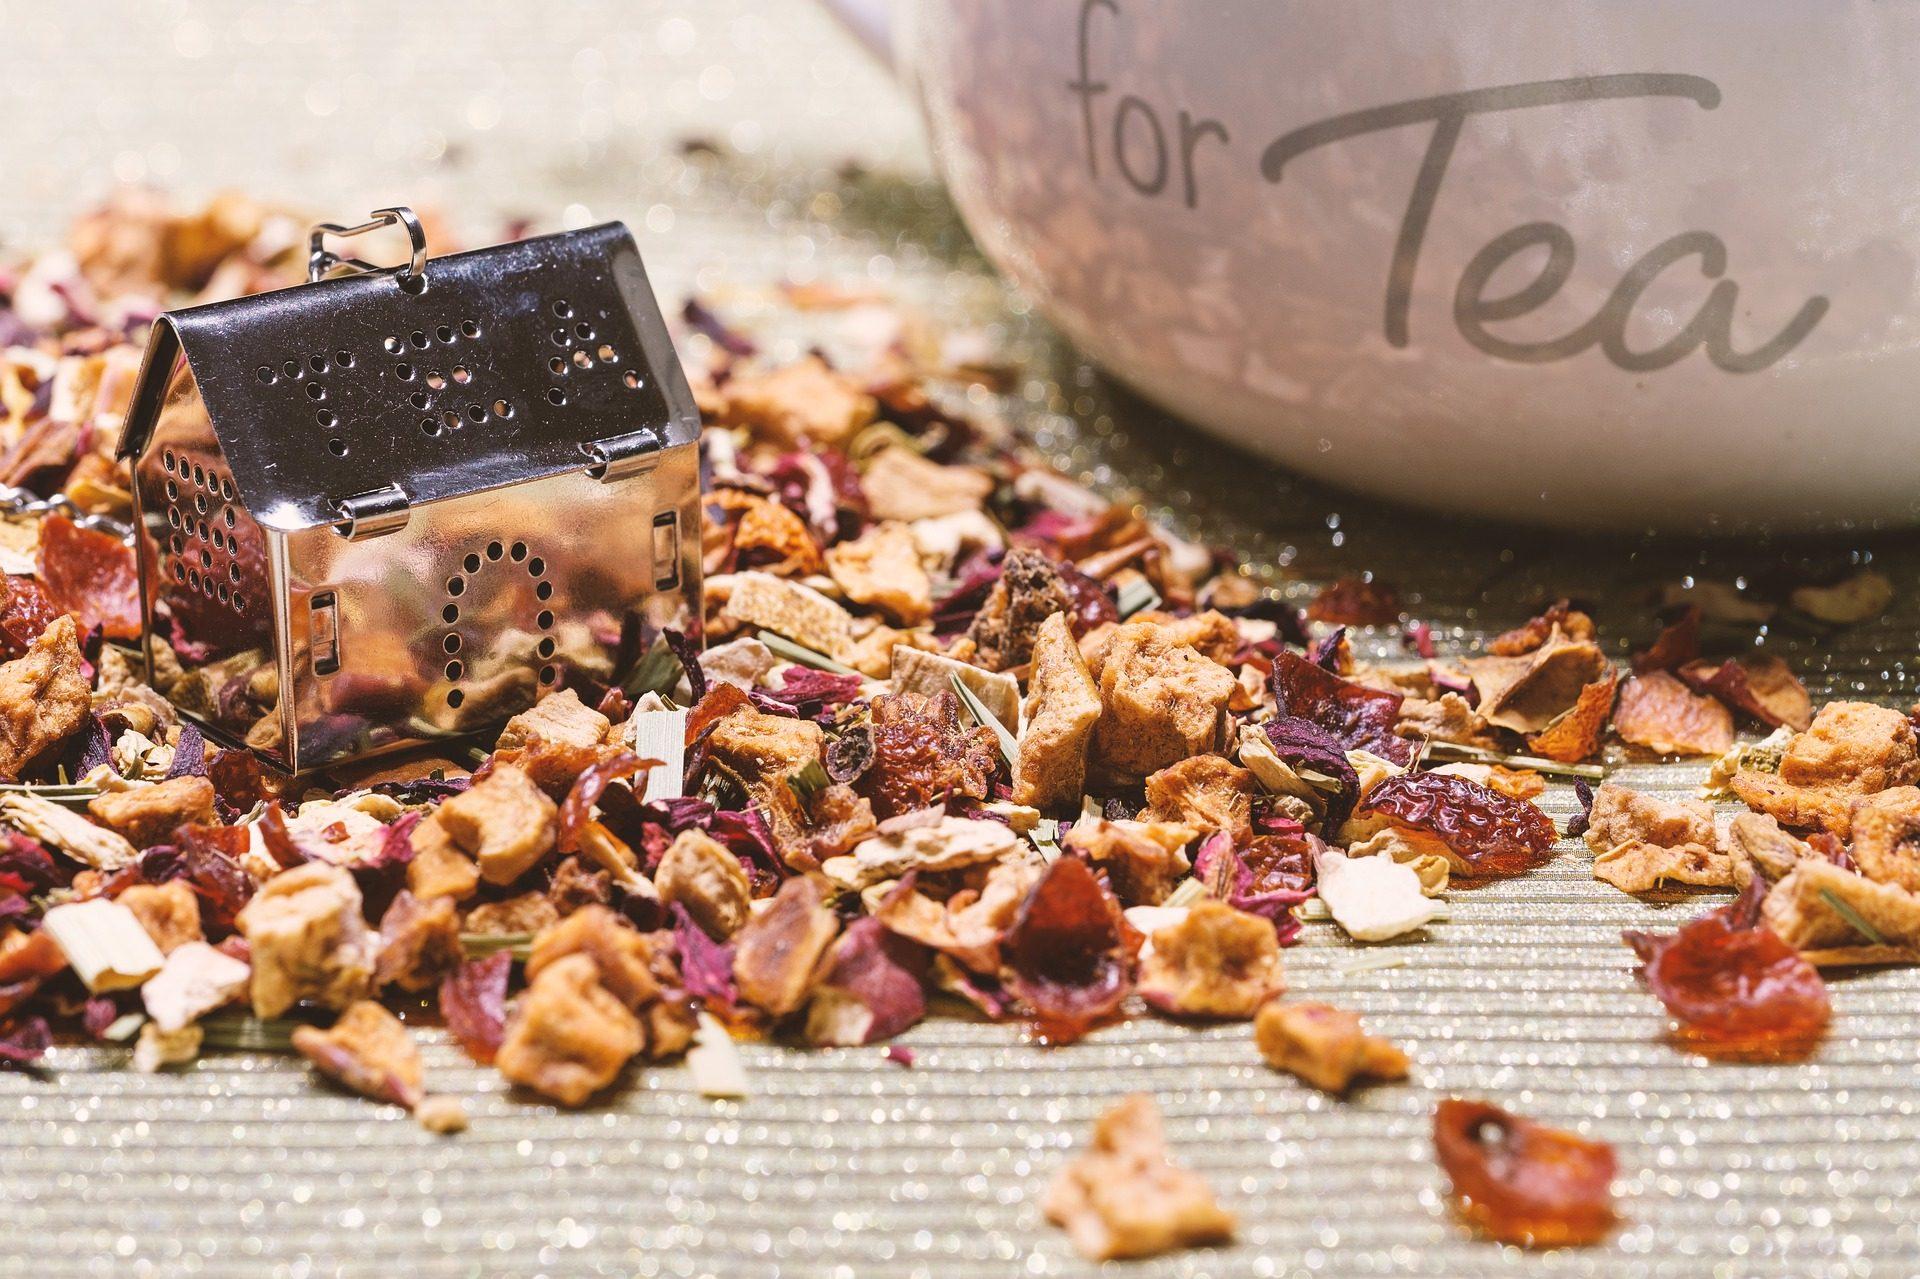 Migliori infusori per tè e tisane, classifica e guida all'acquisto